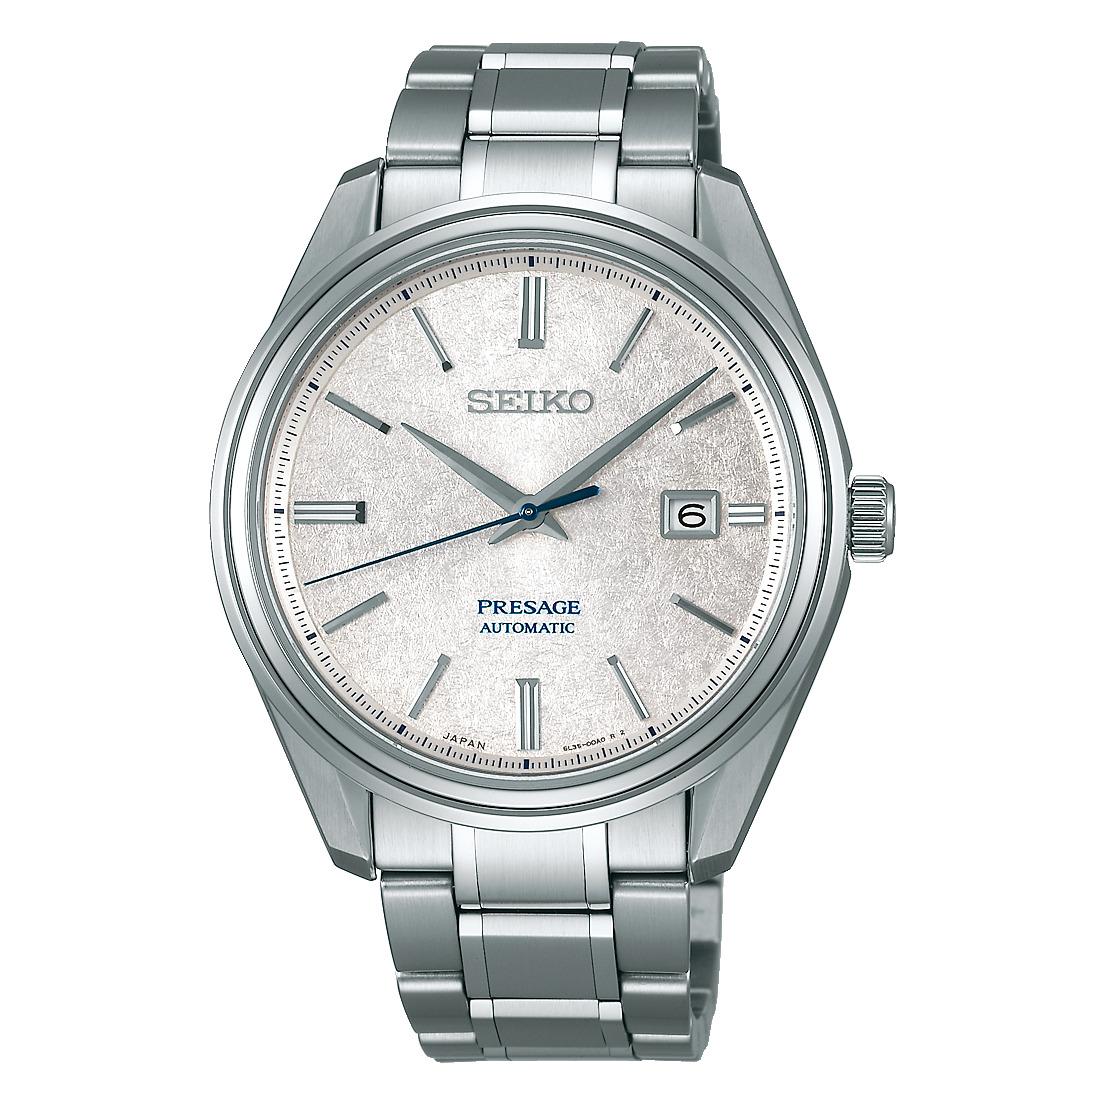 プレザージュ PRESAGE セイコー SEIKO SARA015 プレステージモデル 2018限定モデル 限定1881本 正規品 腕時計